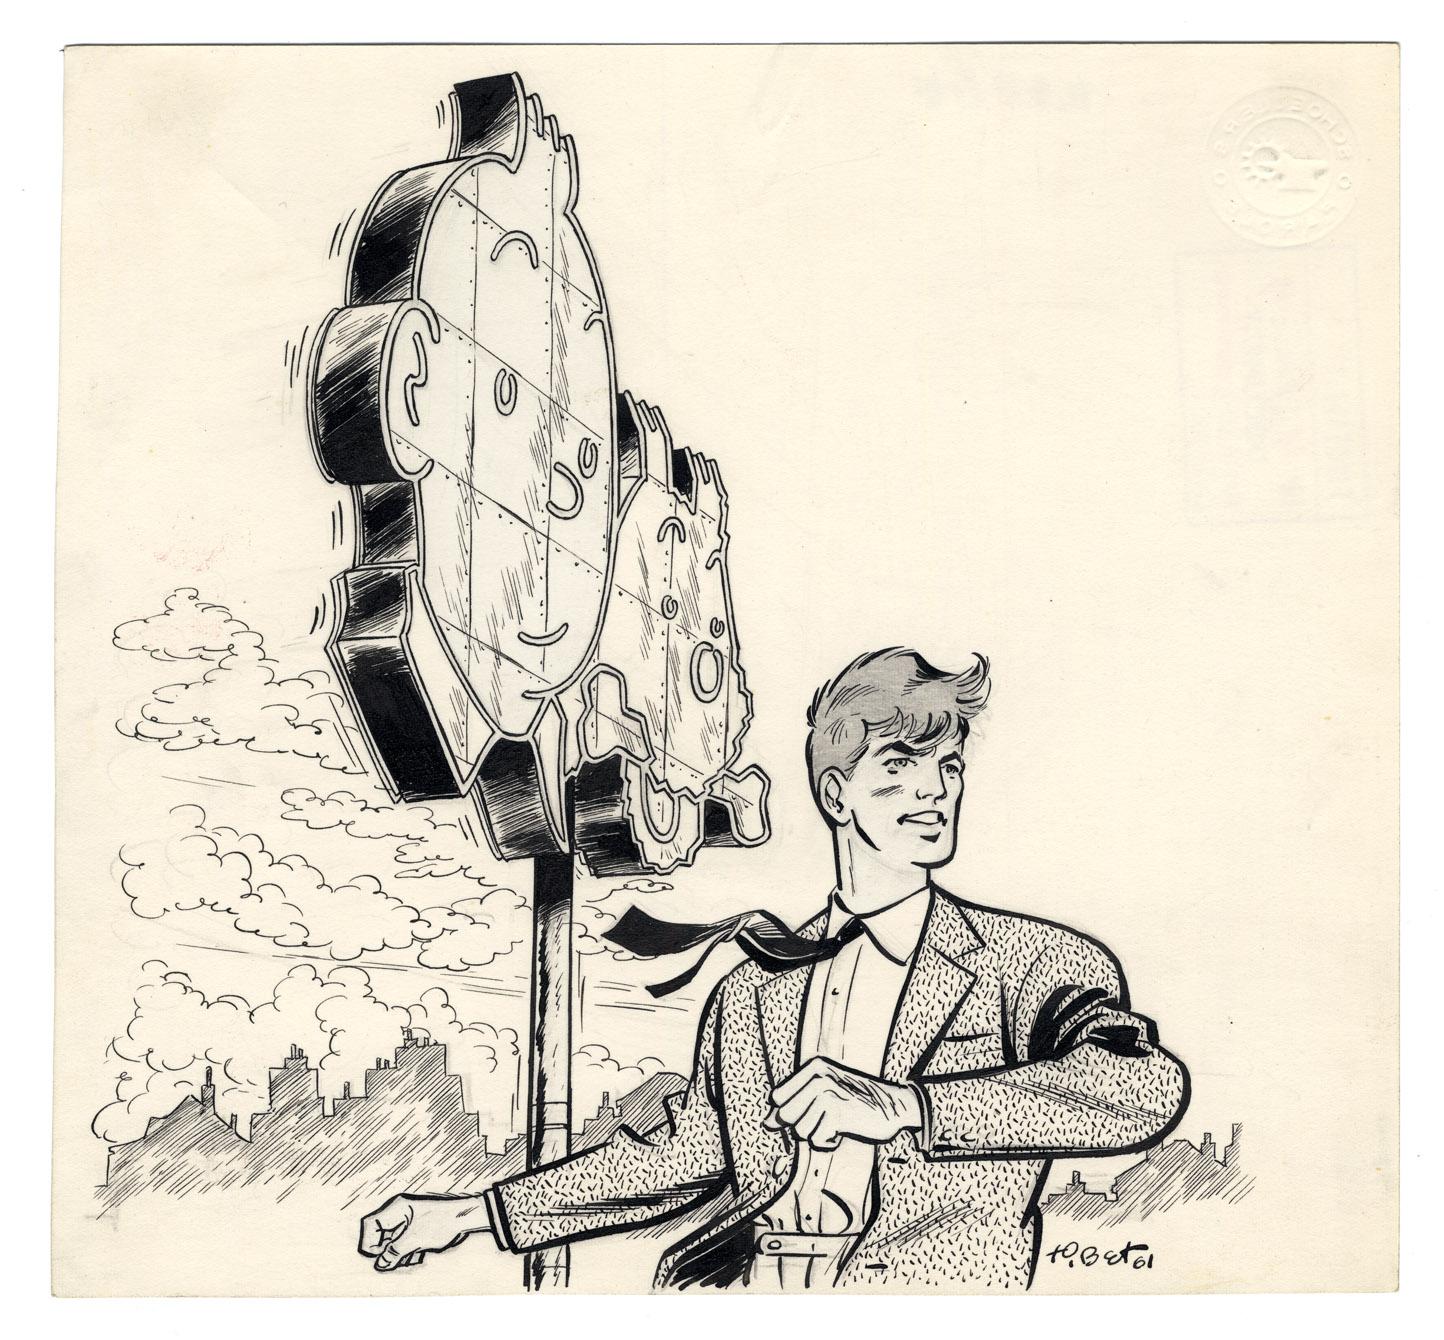 Encre de Chine par Tibet (daté de 1961), représentant le héros sur le toit de l'immeuble du Lombard,  avec sa célèbre enseigne Tintin et Milou.